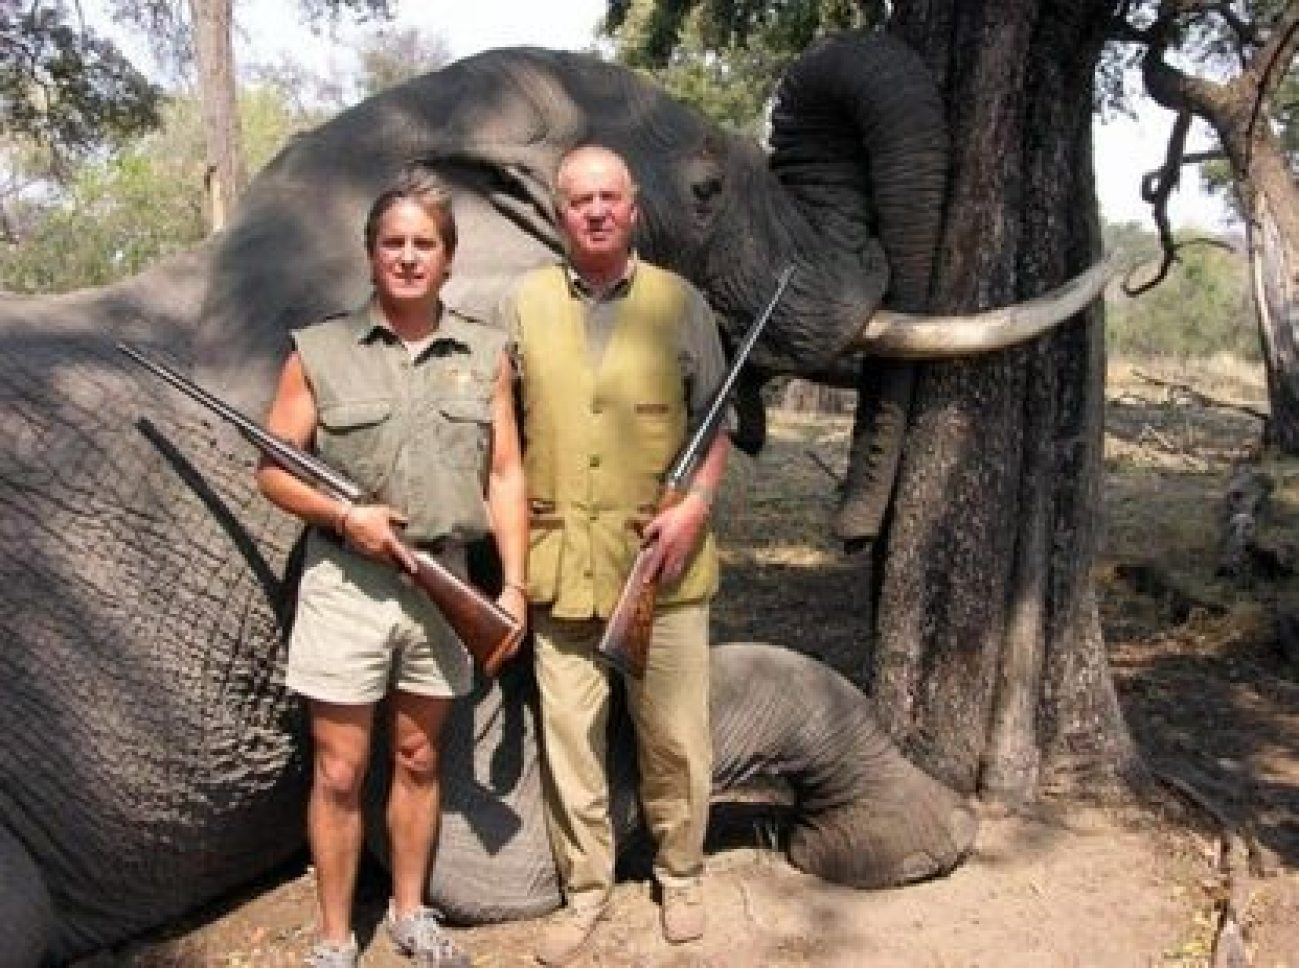 El ex rey Juan Carlos I posó con un elefante muerto en Botswana en 2006.  Foto: Rann Safaris